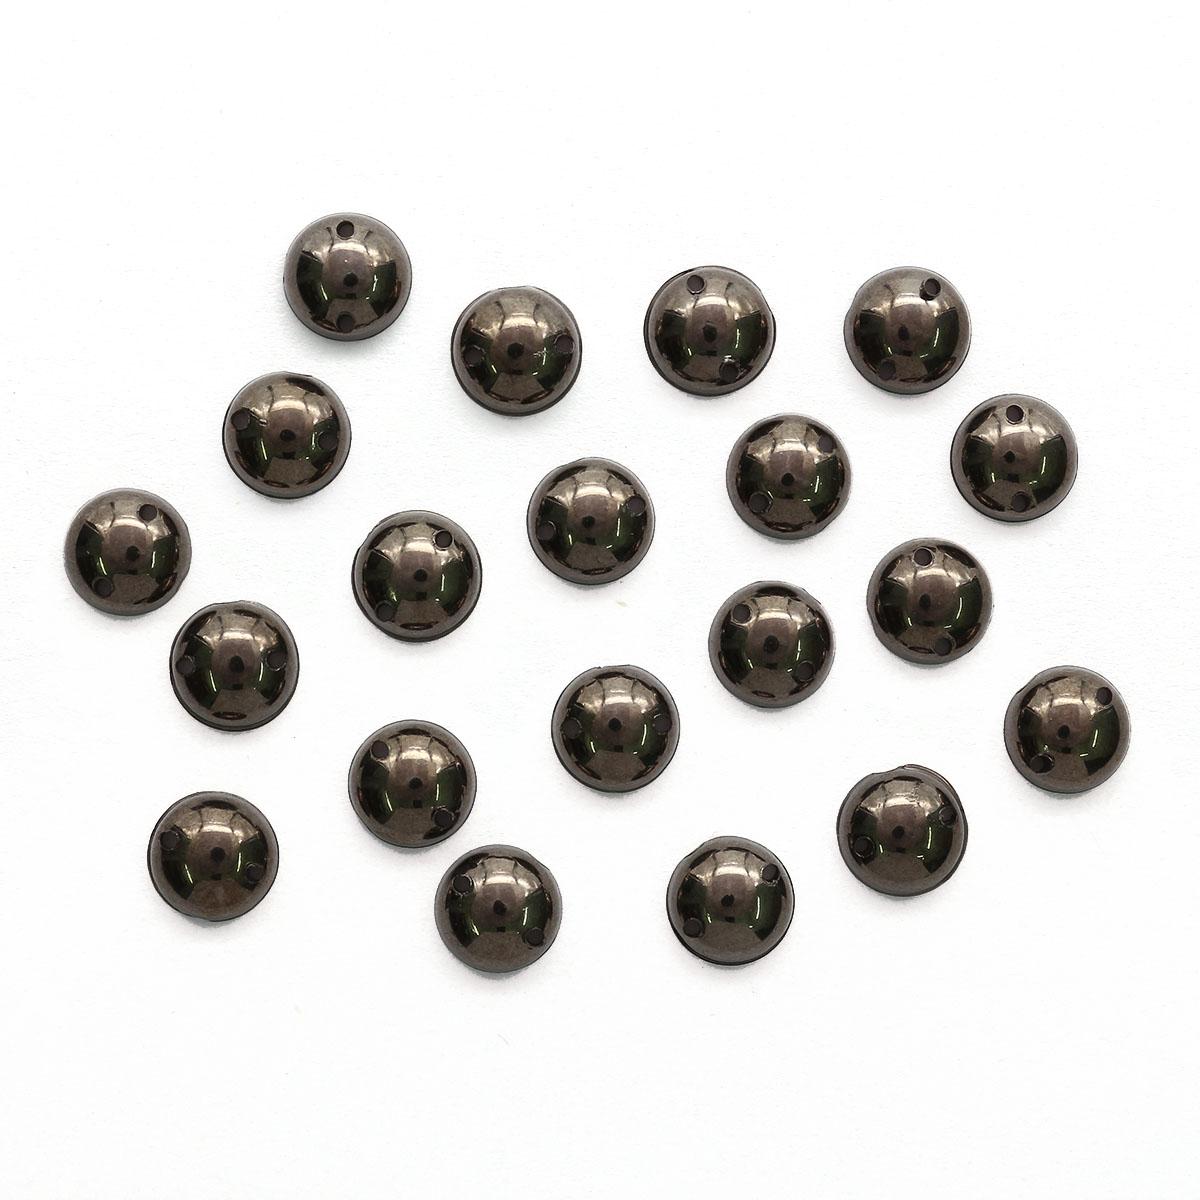 GACR-Q055-B Стразы акриловые,круглые гематит 8мм, 20шт/упак